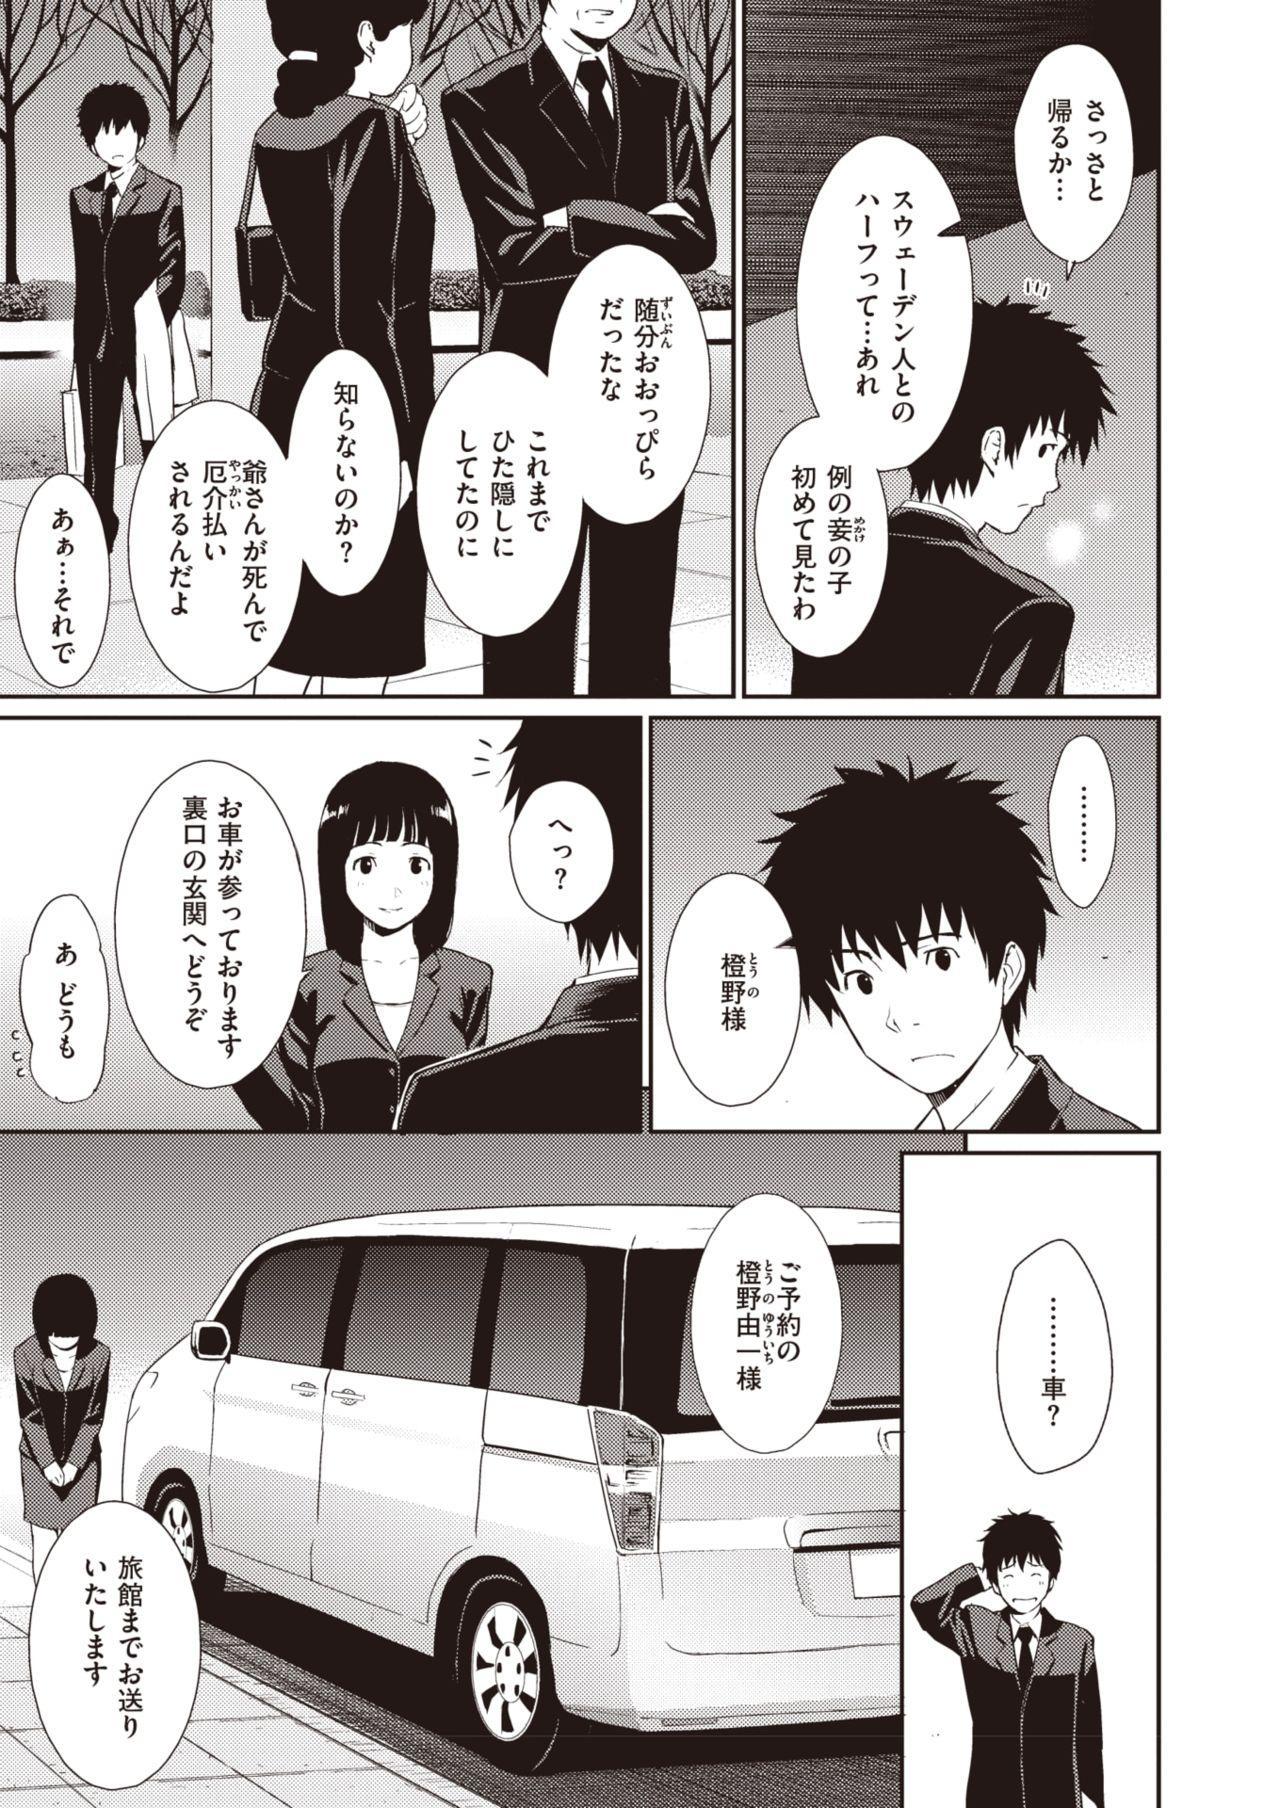 COMIC Kairakuten 25 Shuunen kinen tokubetsugou 255